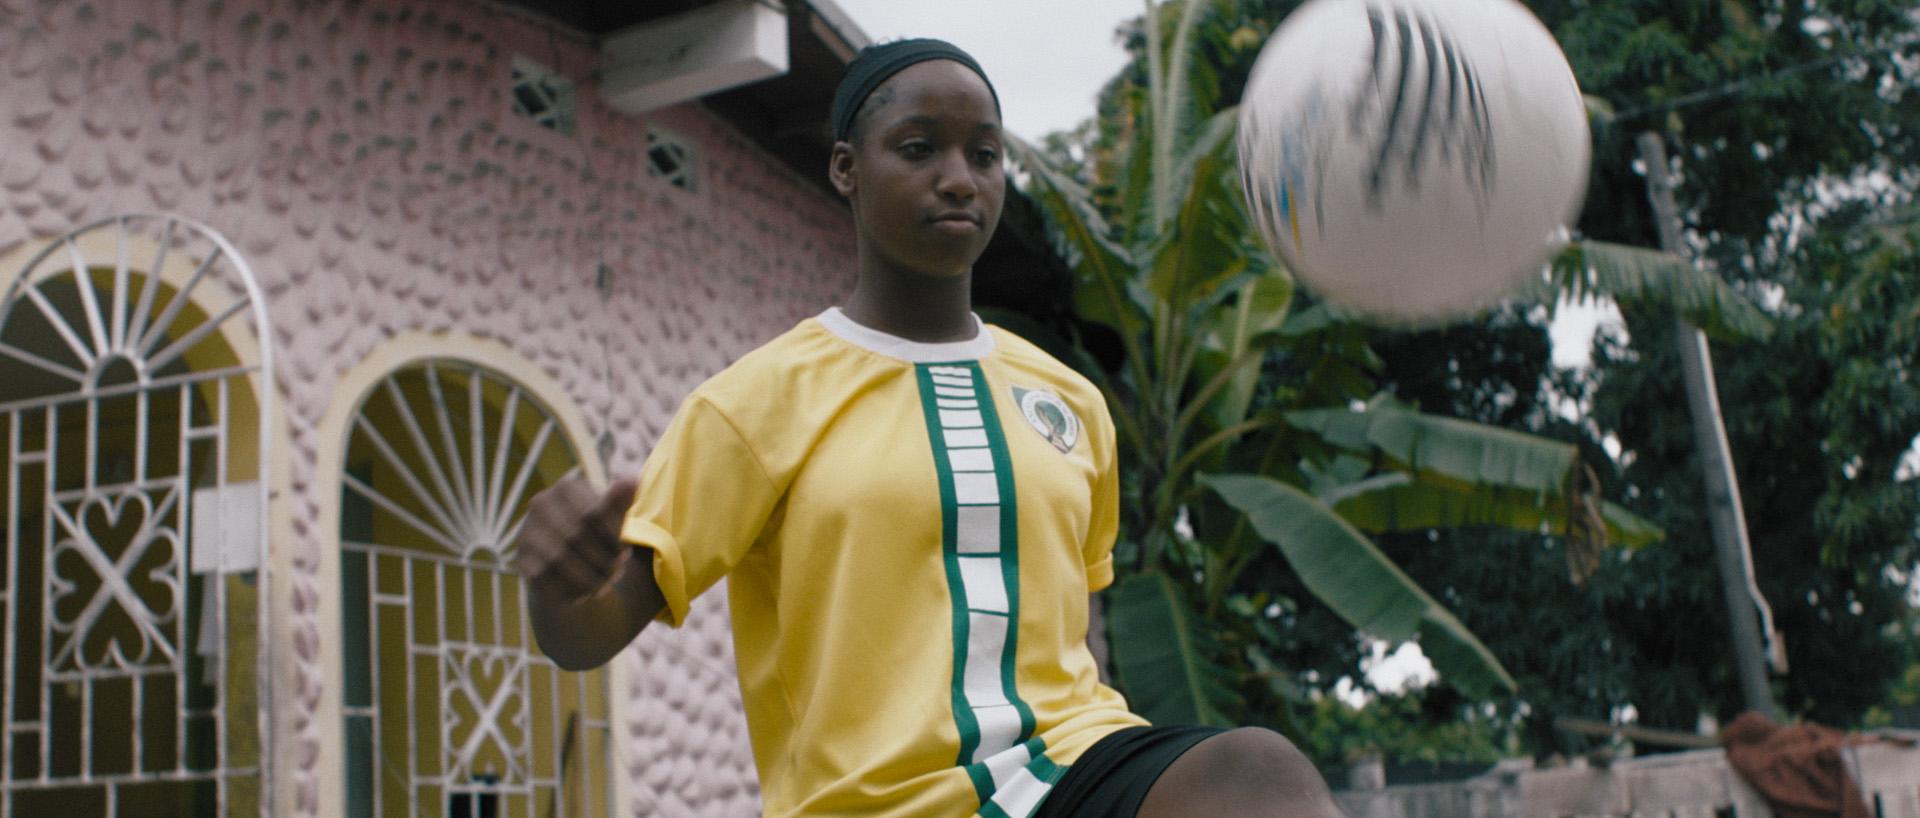 FIFA_Stills_Jamaica_1.1.6.jpg